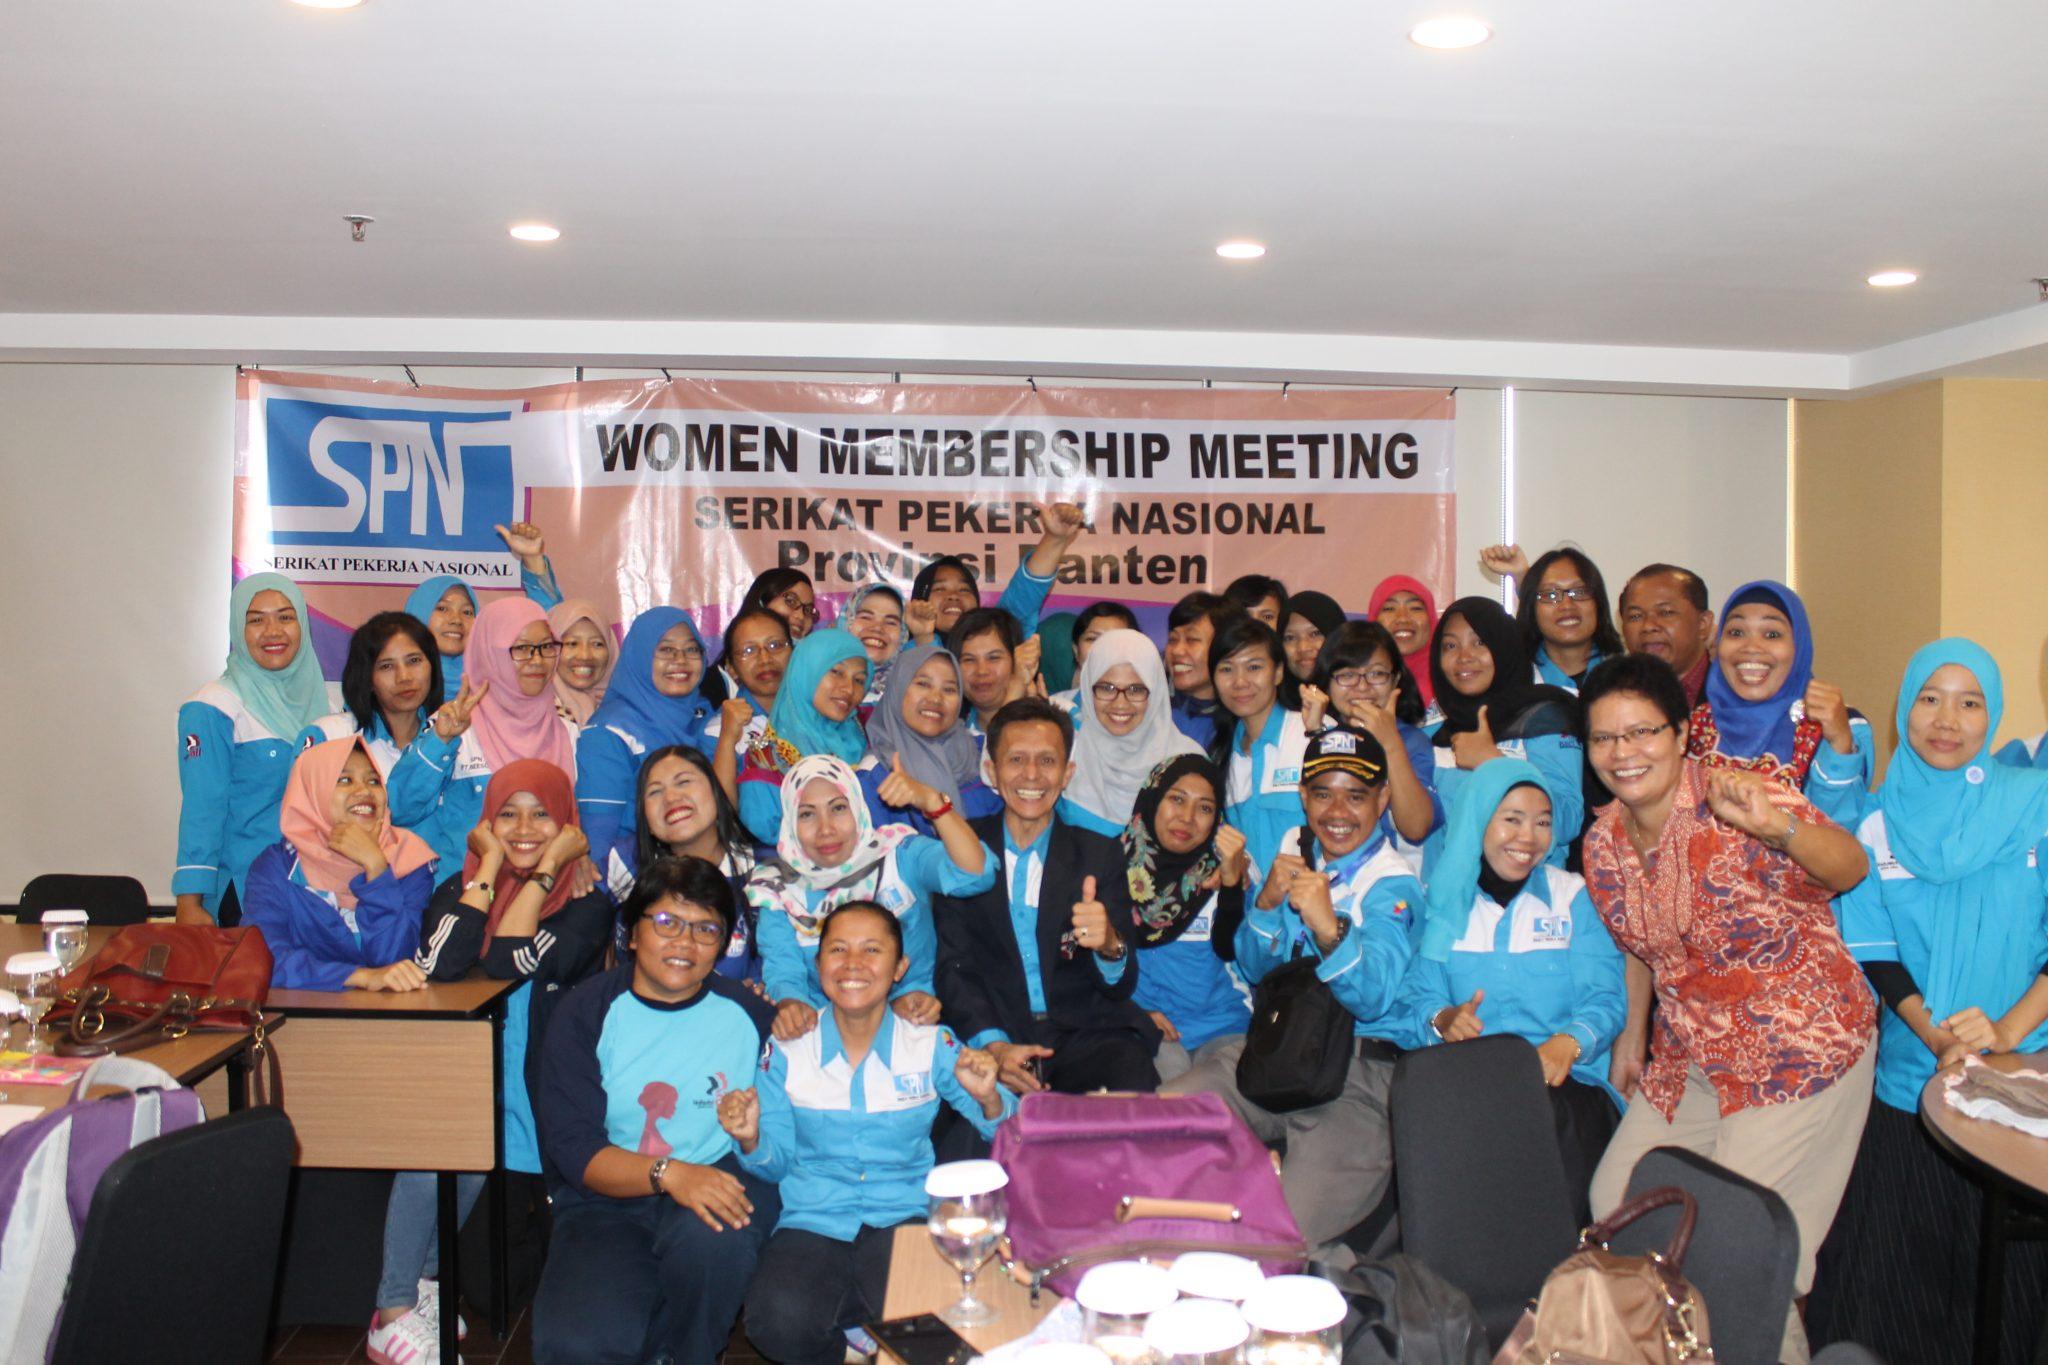 WOMEN MEMBERSHIP MEETING KOMITE PEREMPUAN BANTEN HARI I